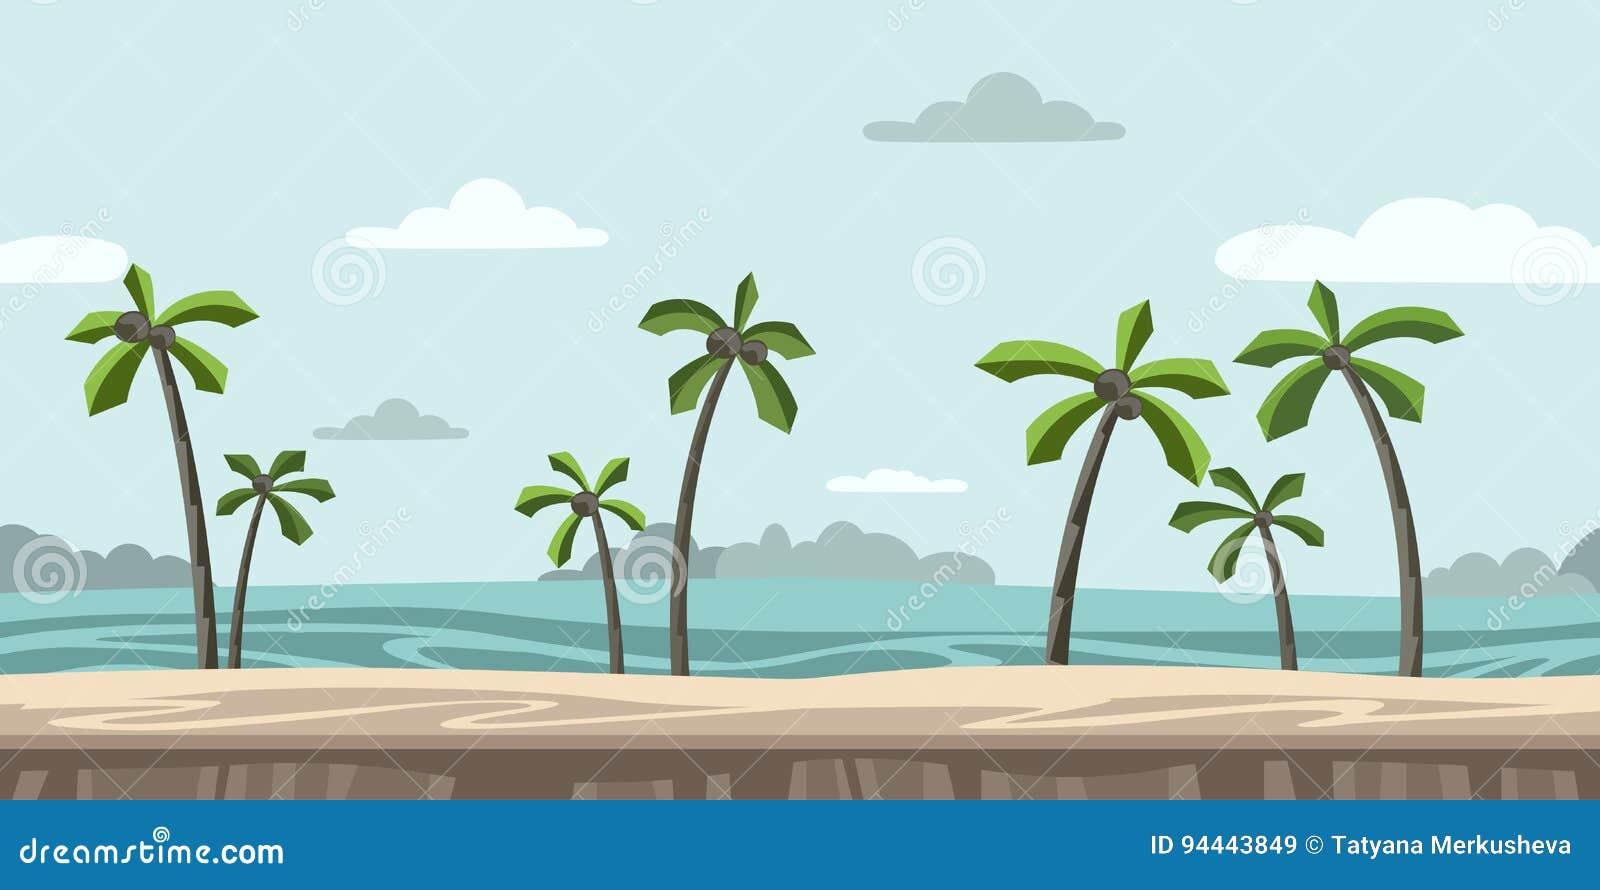 Fondo senza fine senza cuciture per il videogioco arcade Spiaggia sabbiosa con le palme e le nuvole nel cielo blu Vettore